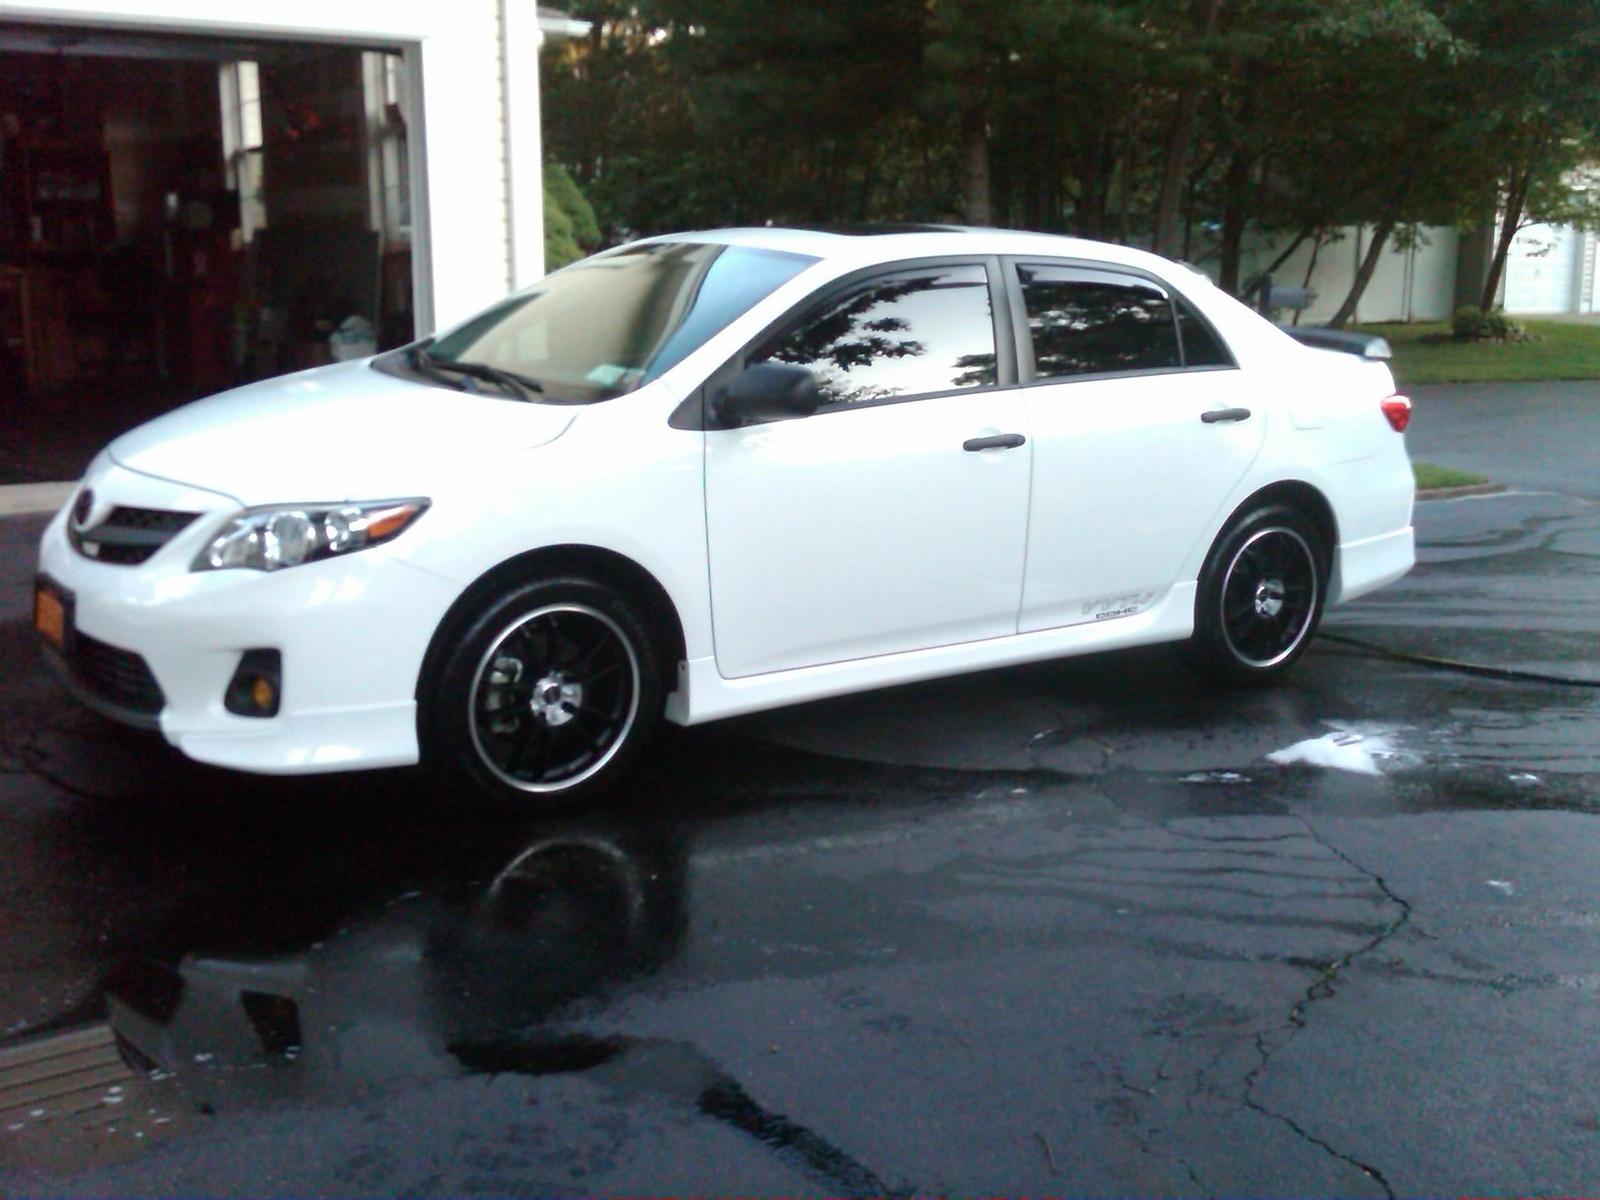 2011 Toyota Corolla Pictures Cargurus